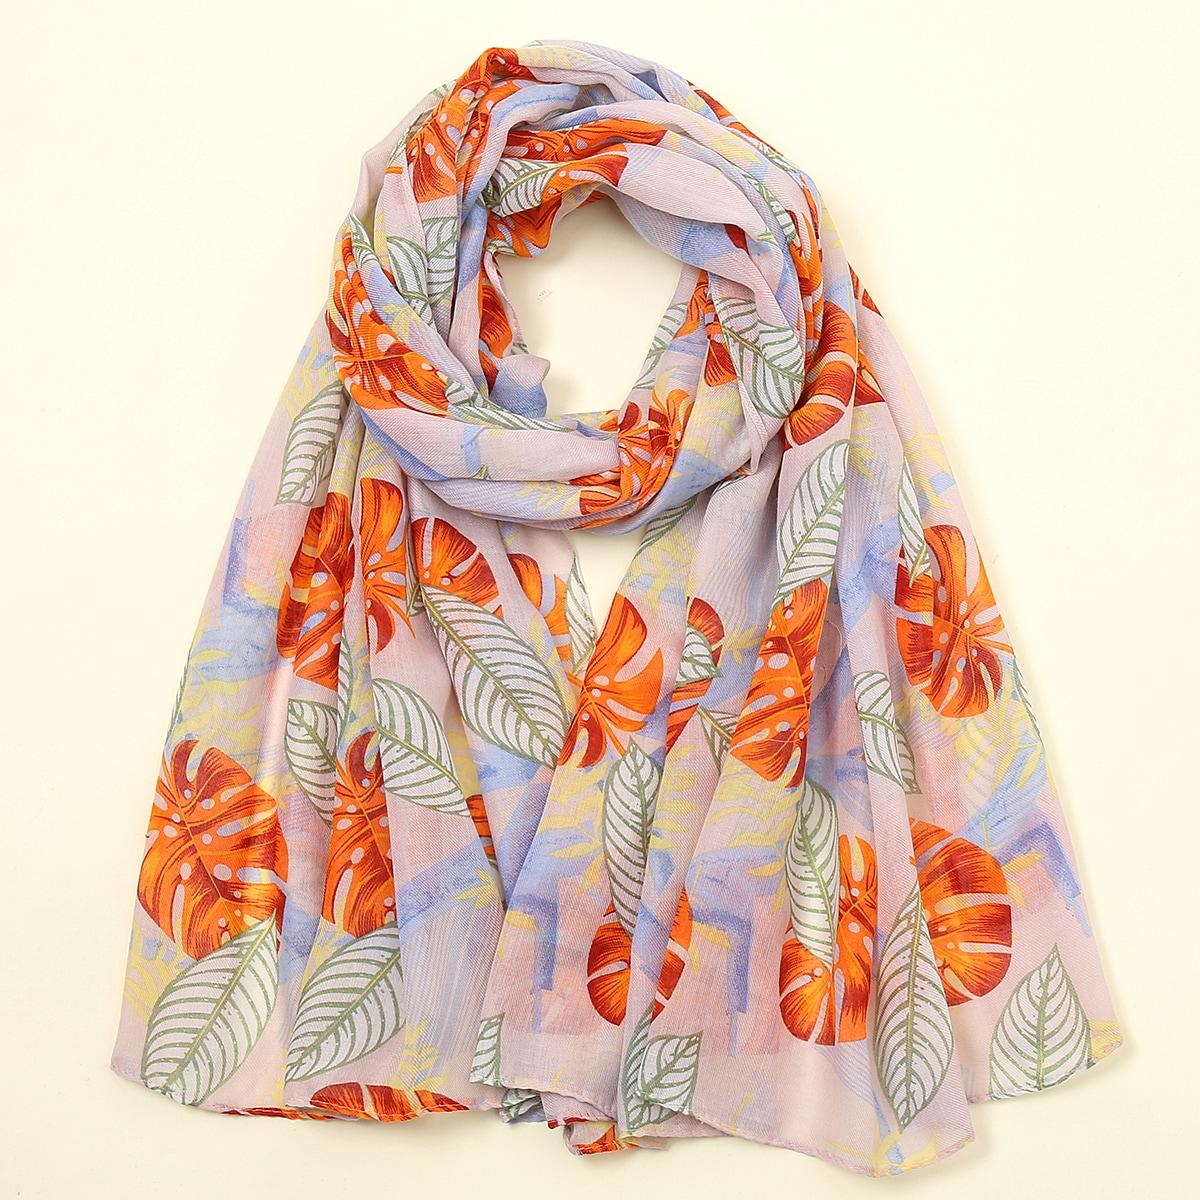 Pañuelo con patrón tropical